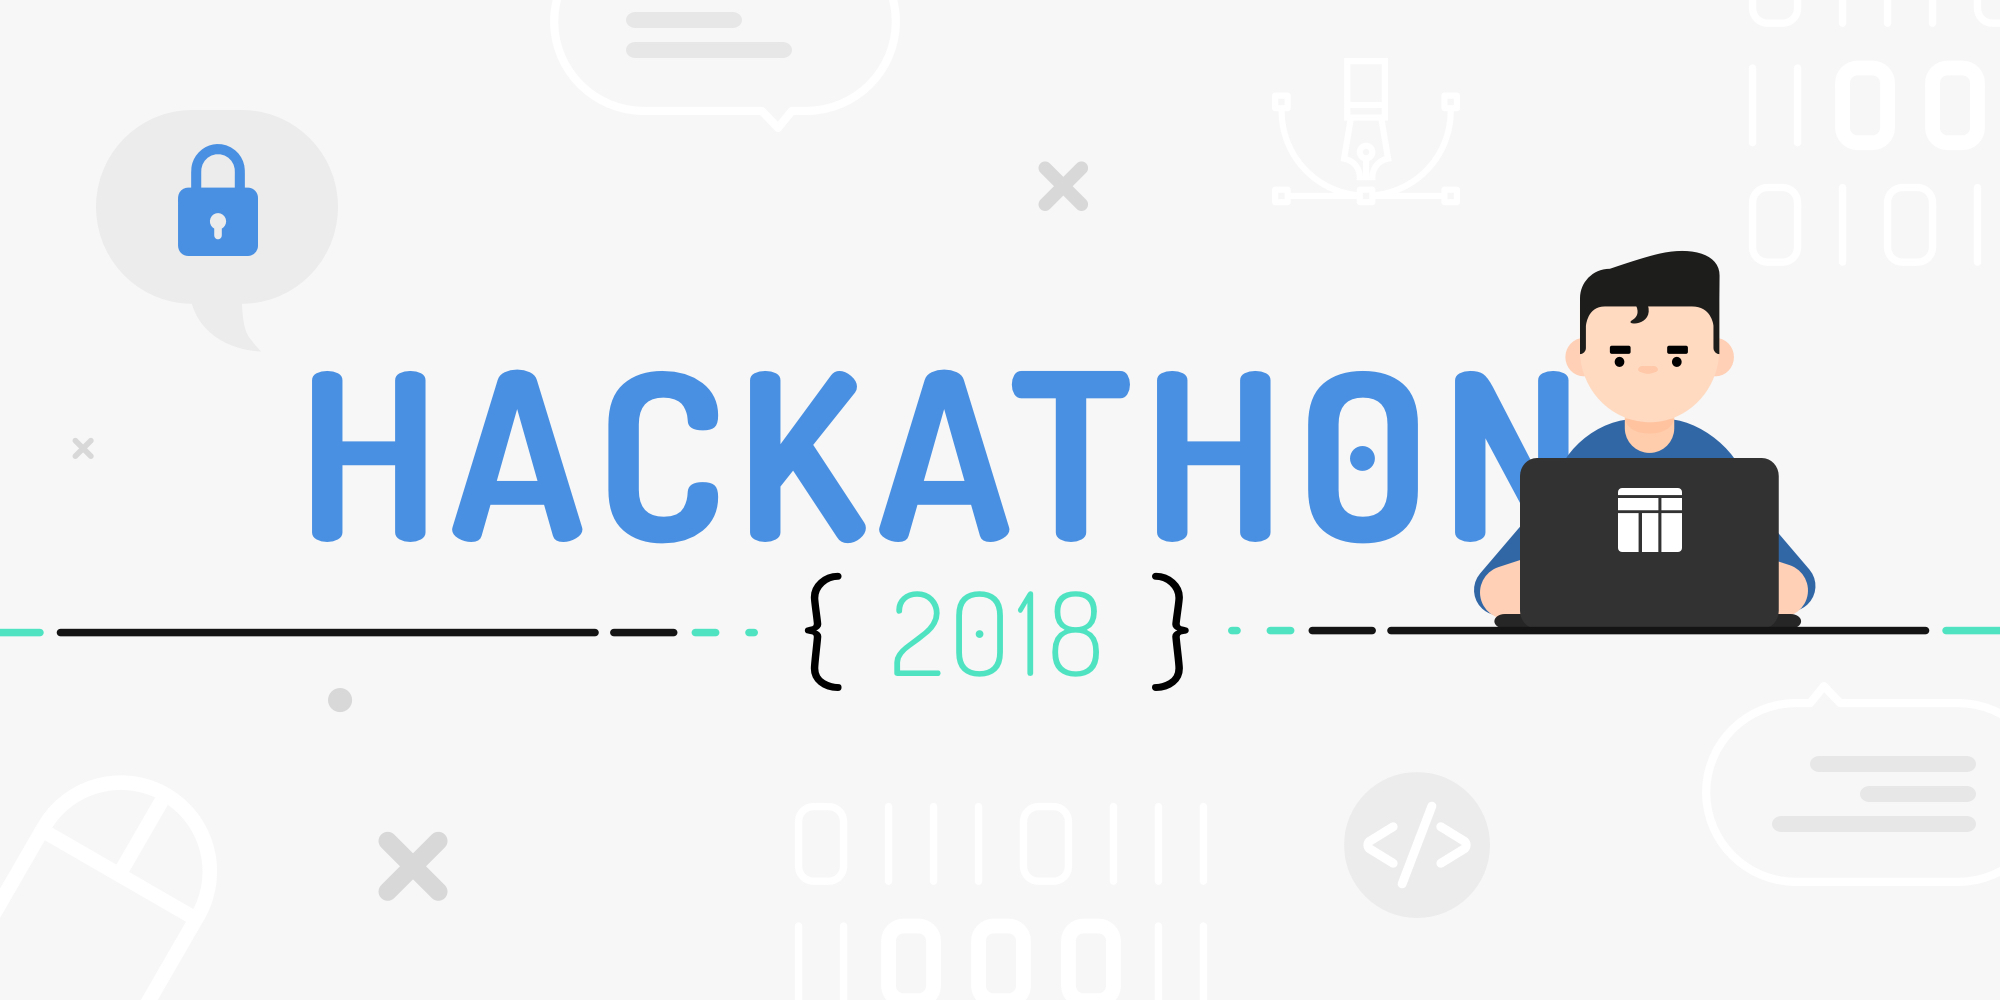 TTT's Hackathon Weekend